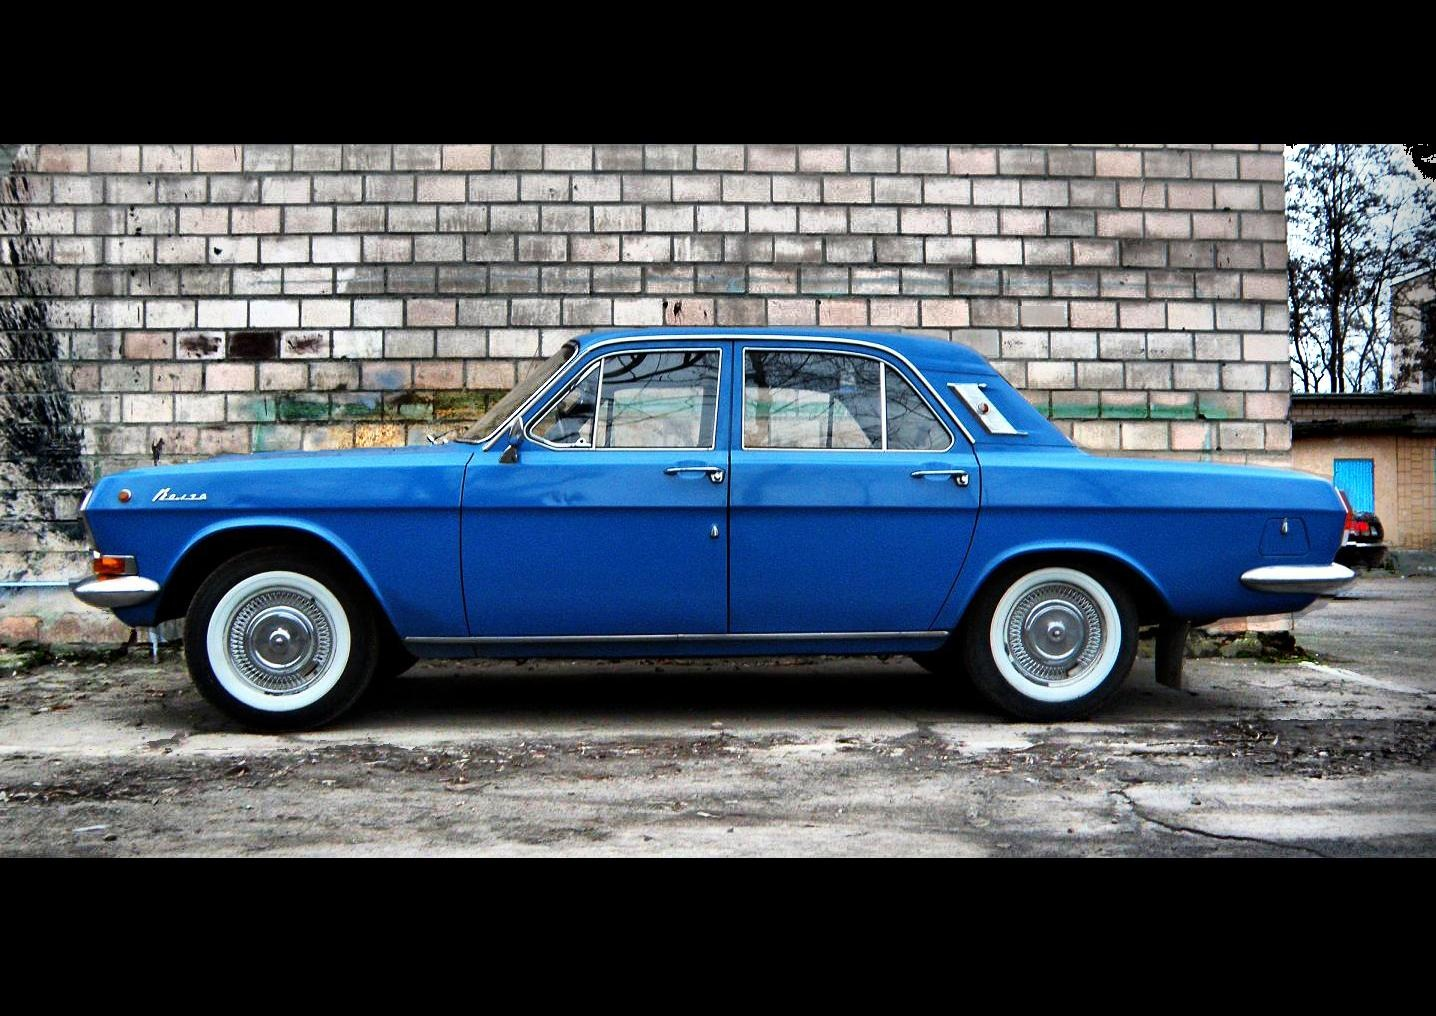 Продажа подержанных автомобилей ГАЗ 24-1 Волга